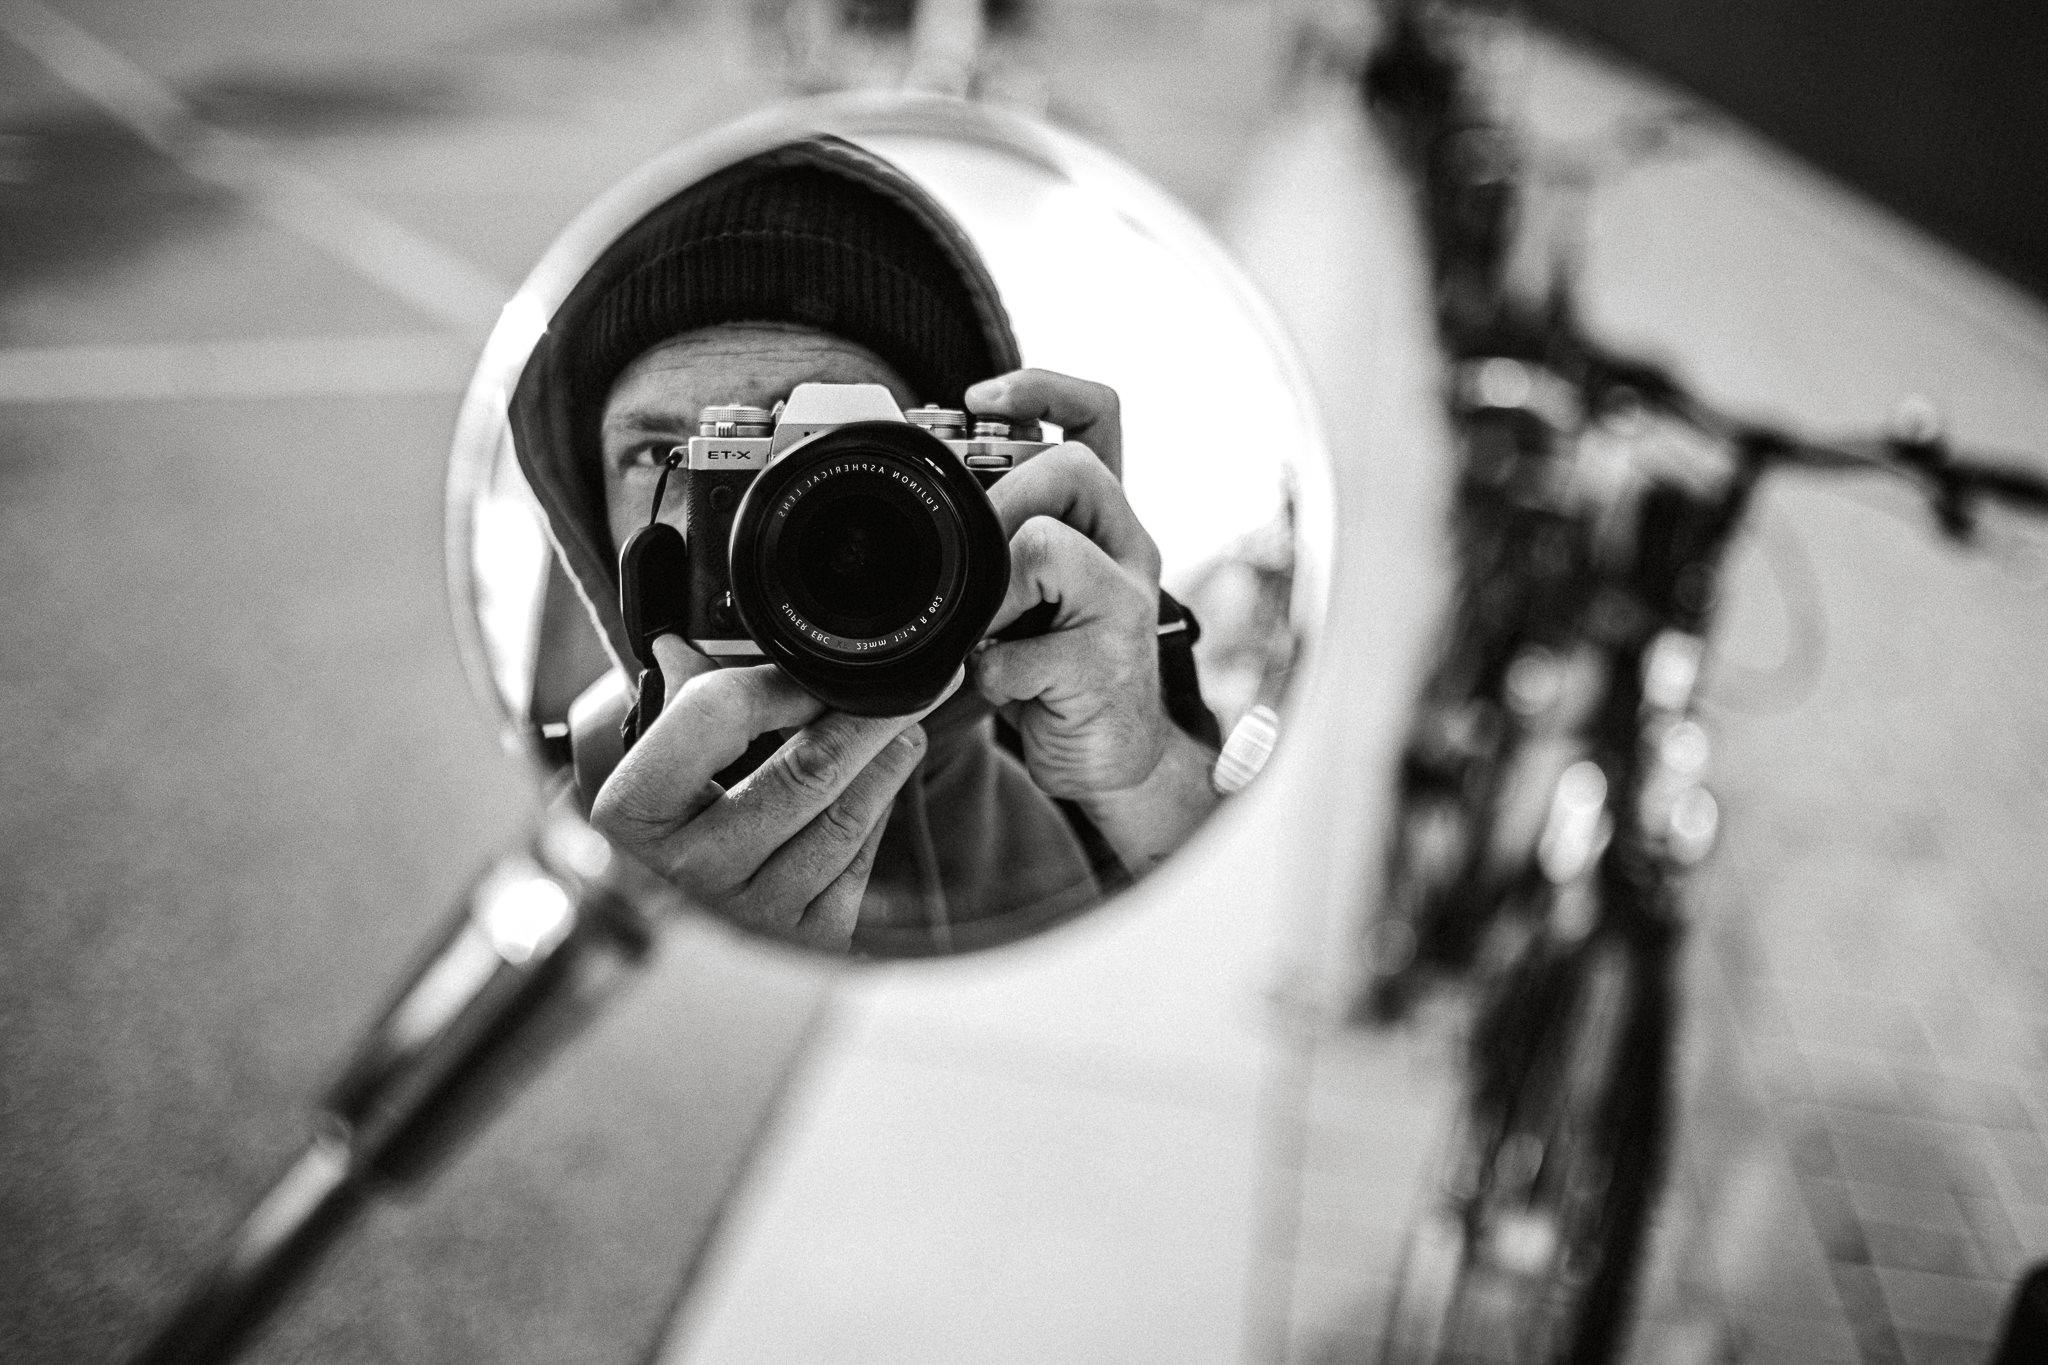 Selbstportrait in einem Spiegel